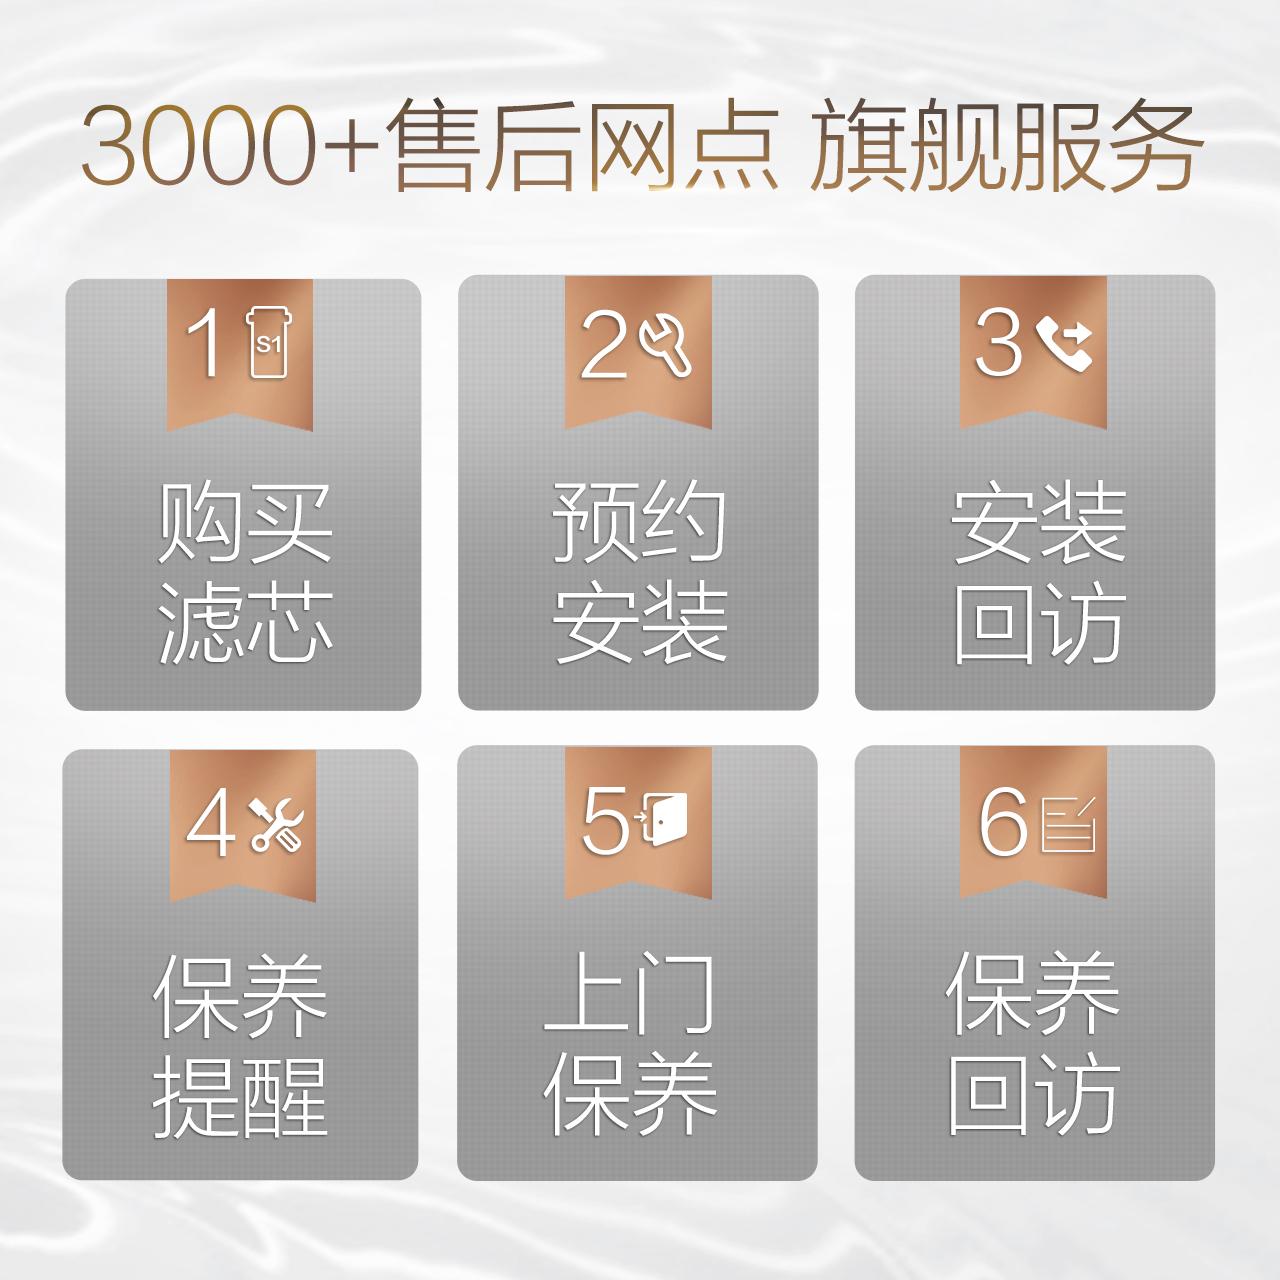 [элемент] после активированного угля красоты м6 (c) -P026 чистой воды фильтр 12 - 18 месяцев жизни